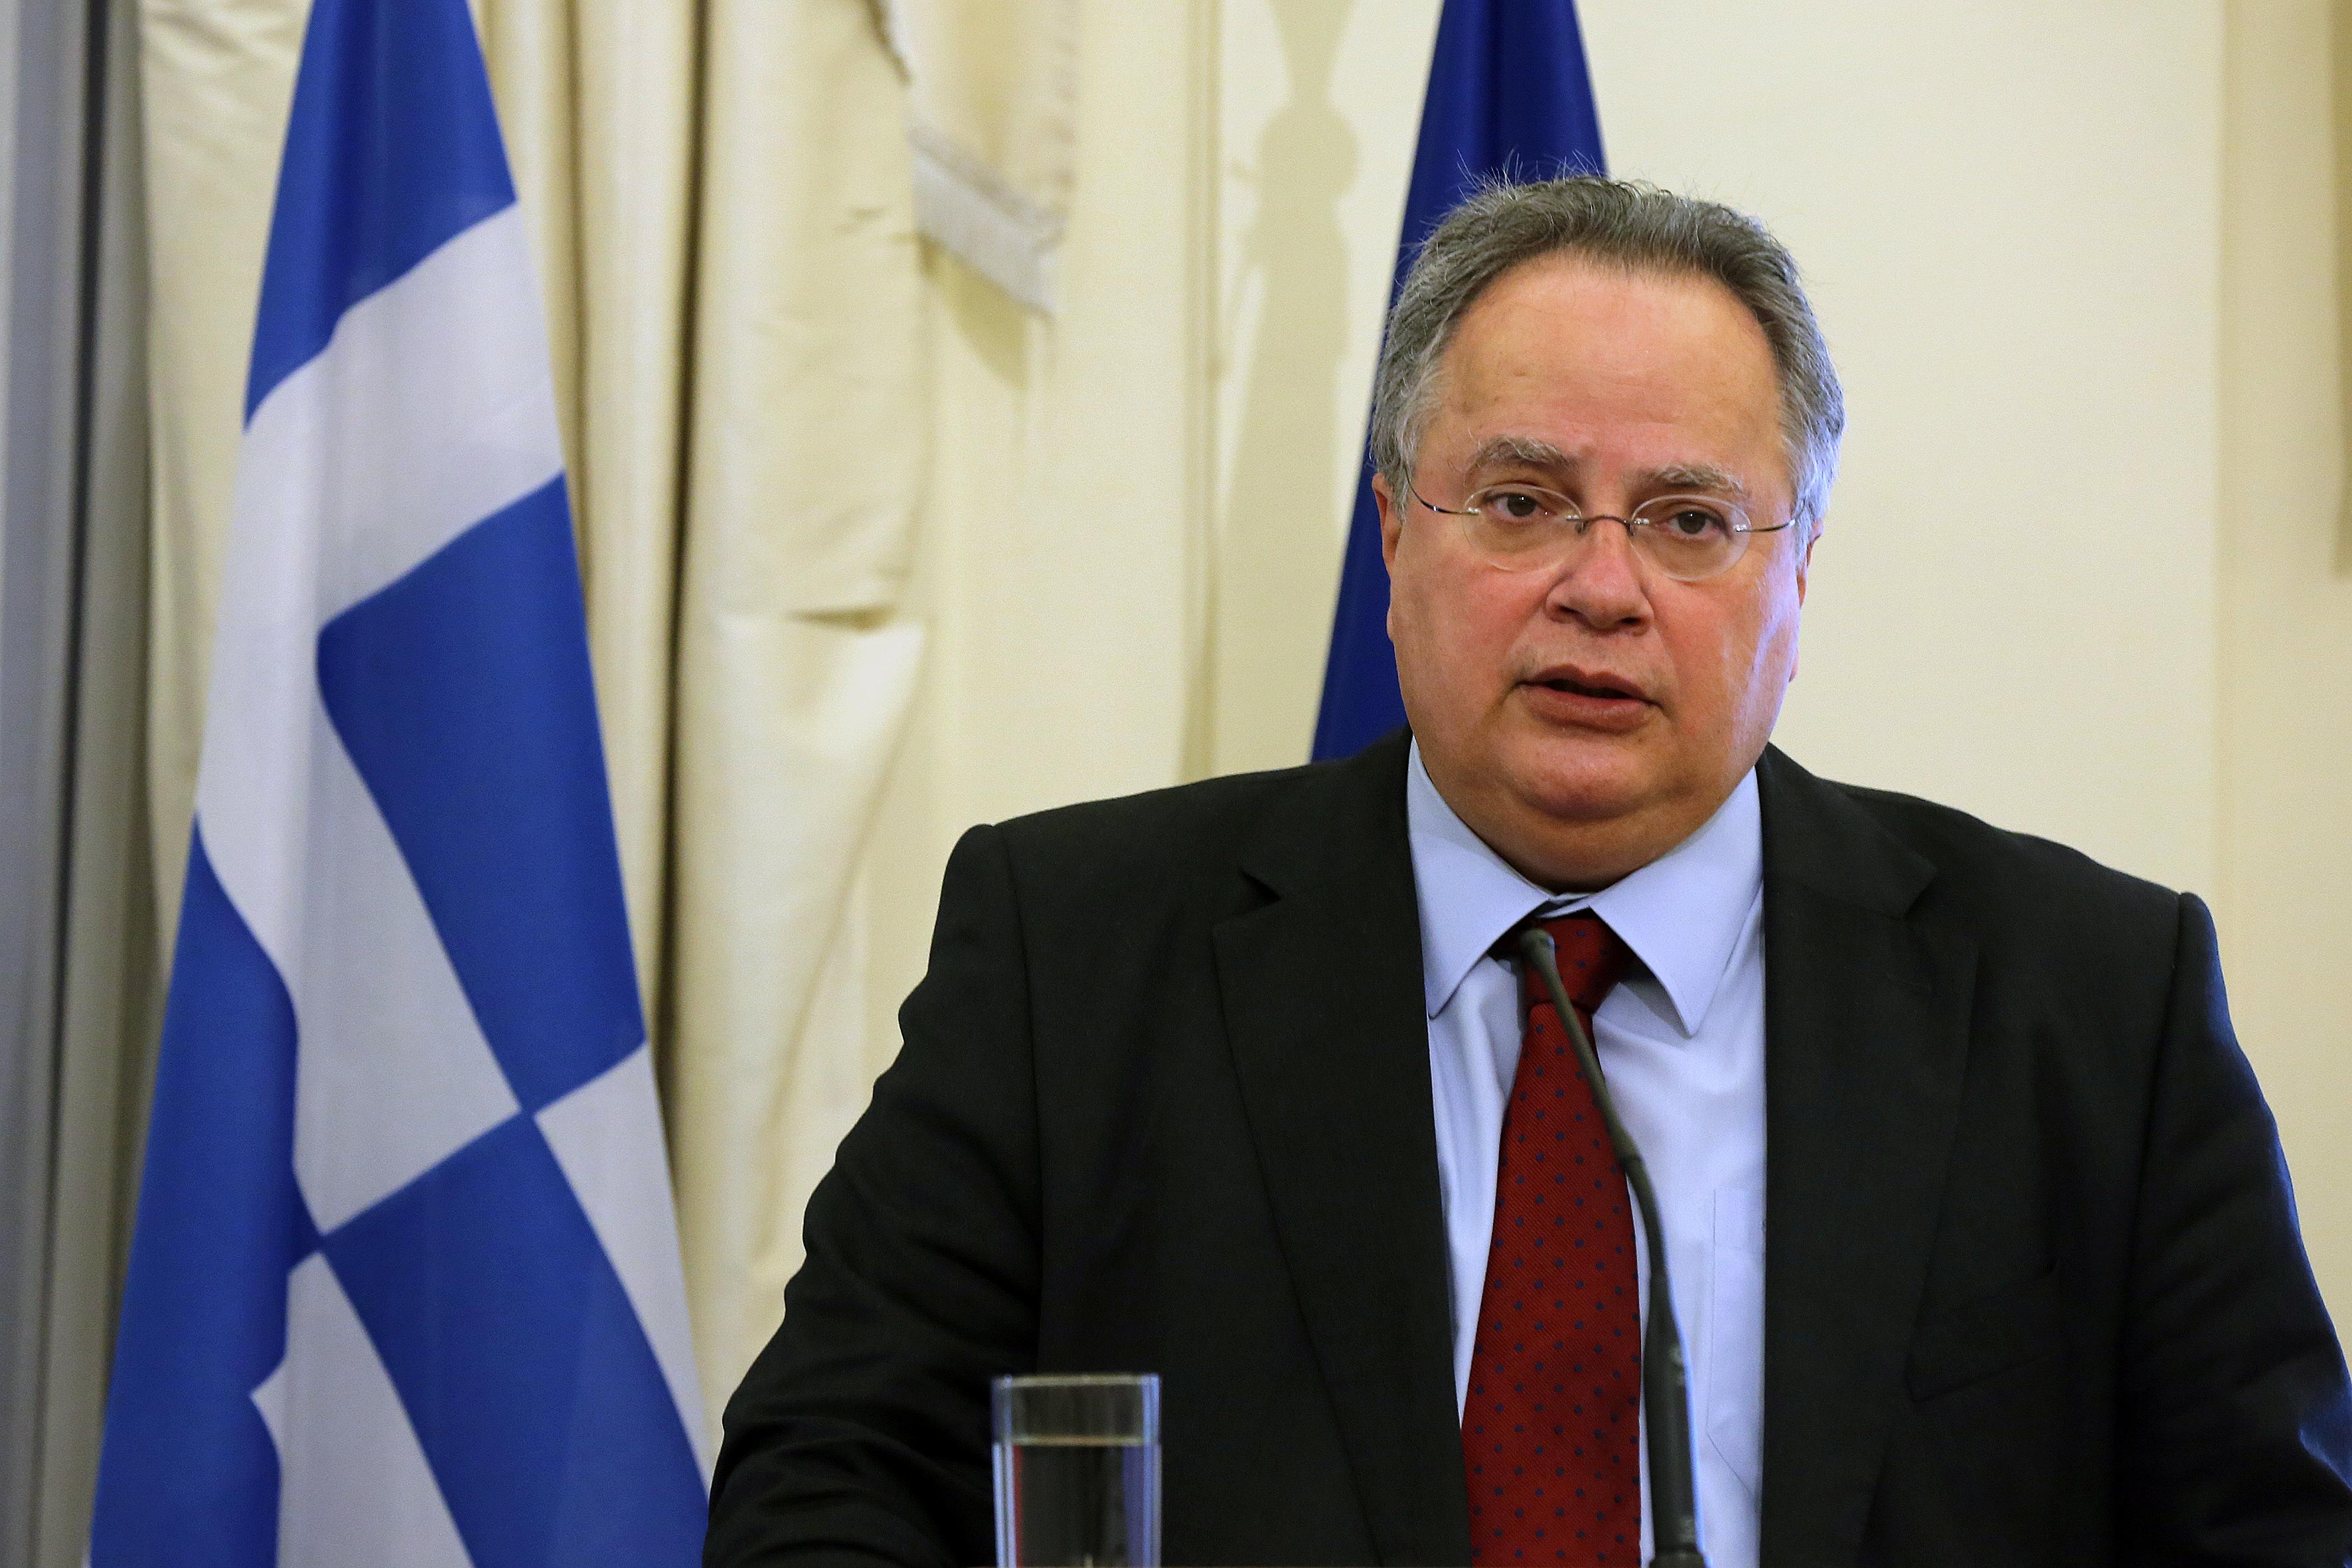 Αθήνα-Βιέννη: Εκτόνωση χωρίς πραγματική ειρήνη   tovima.gr